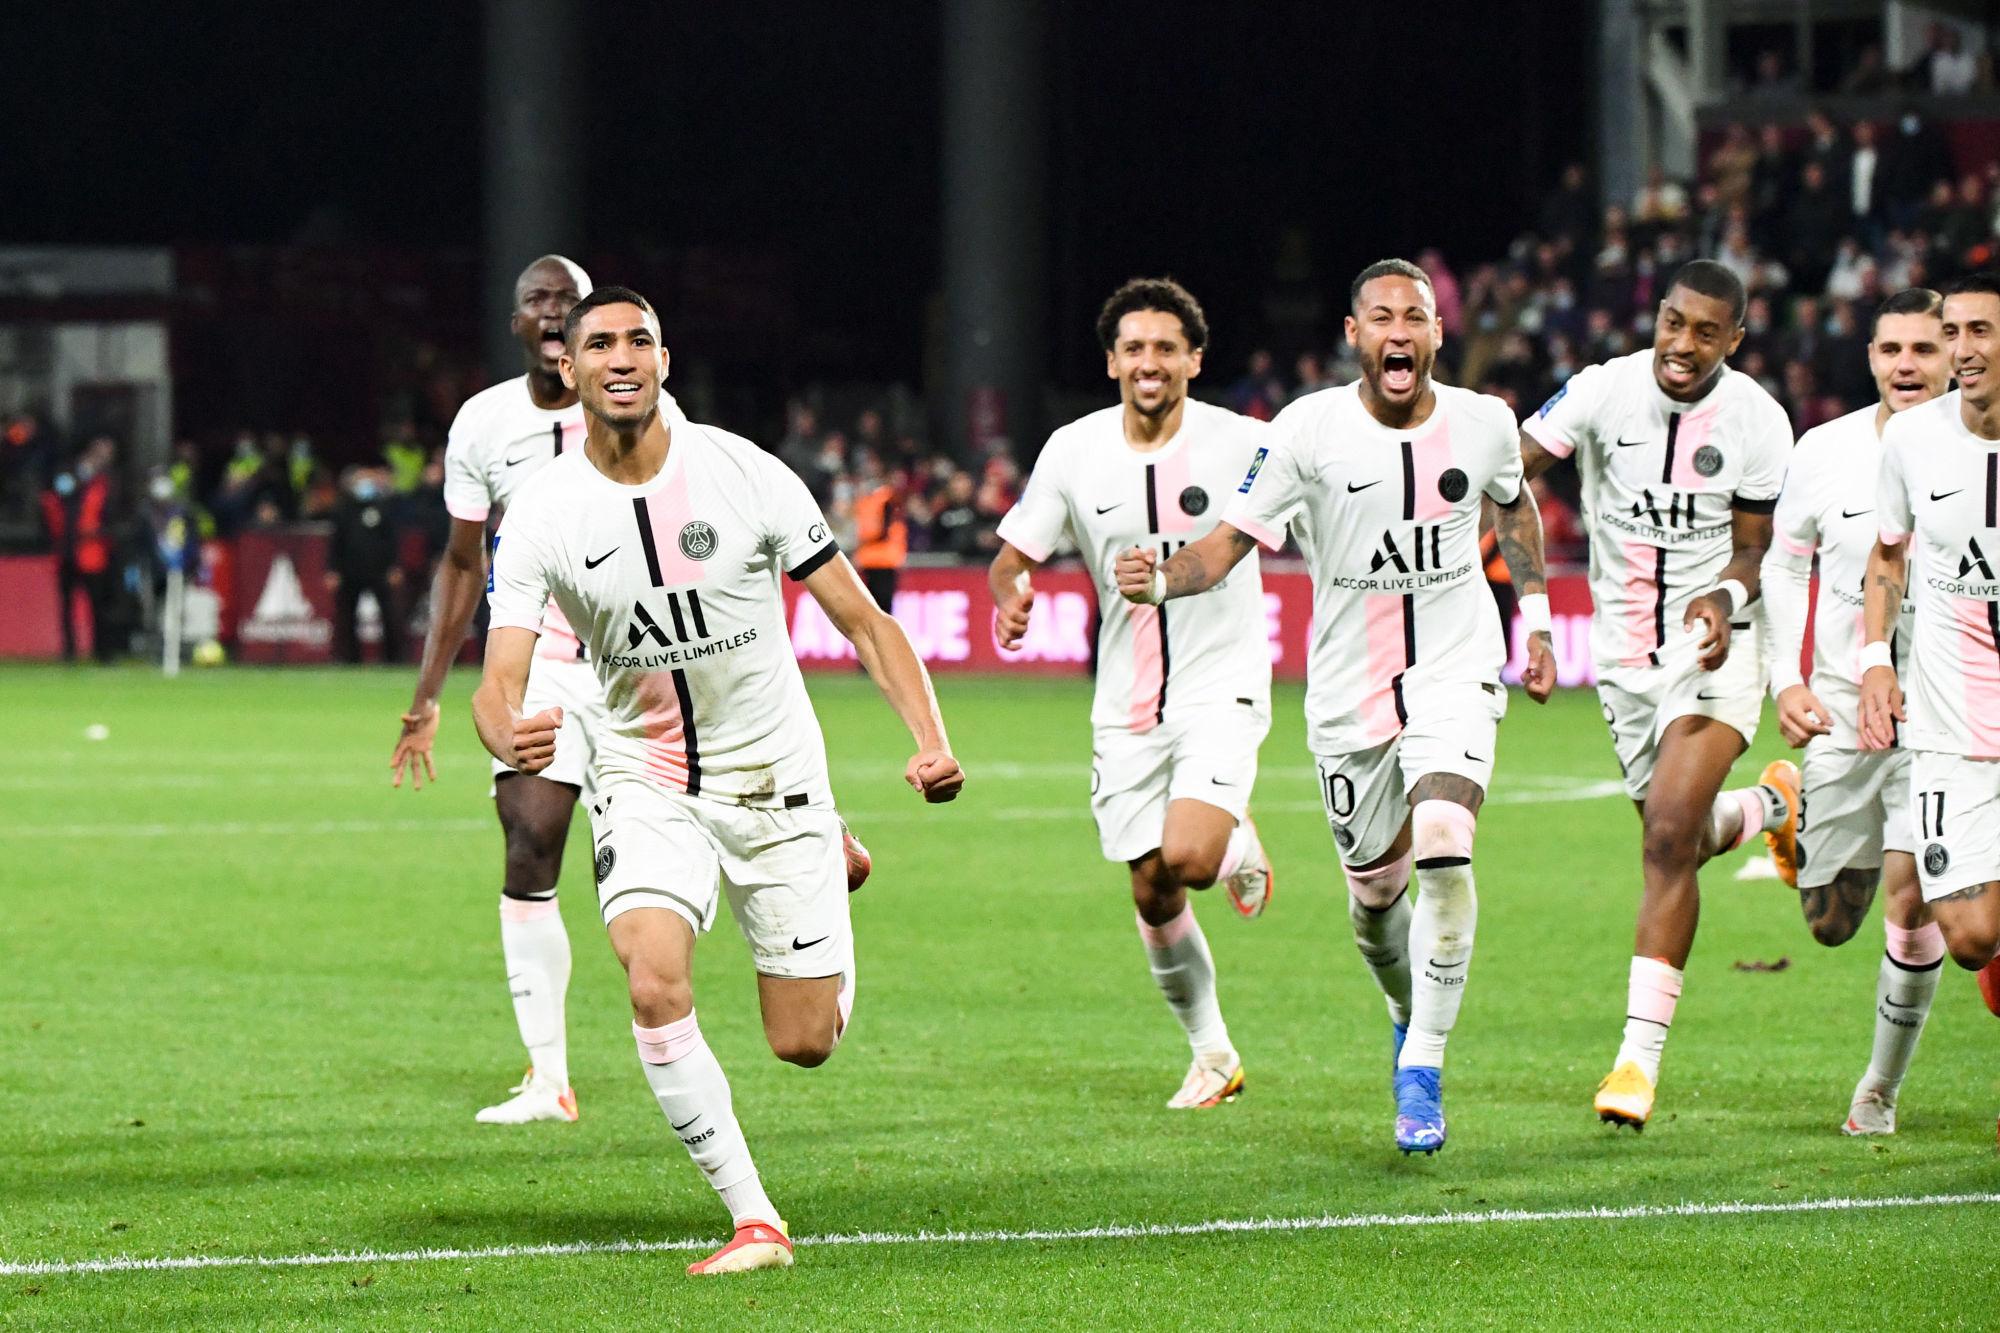 Metz/PSG - Les notes des Parisiens dans la presse : Hakimi brille dans un Paris décevant